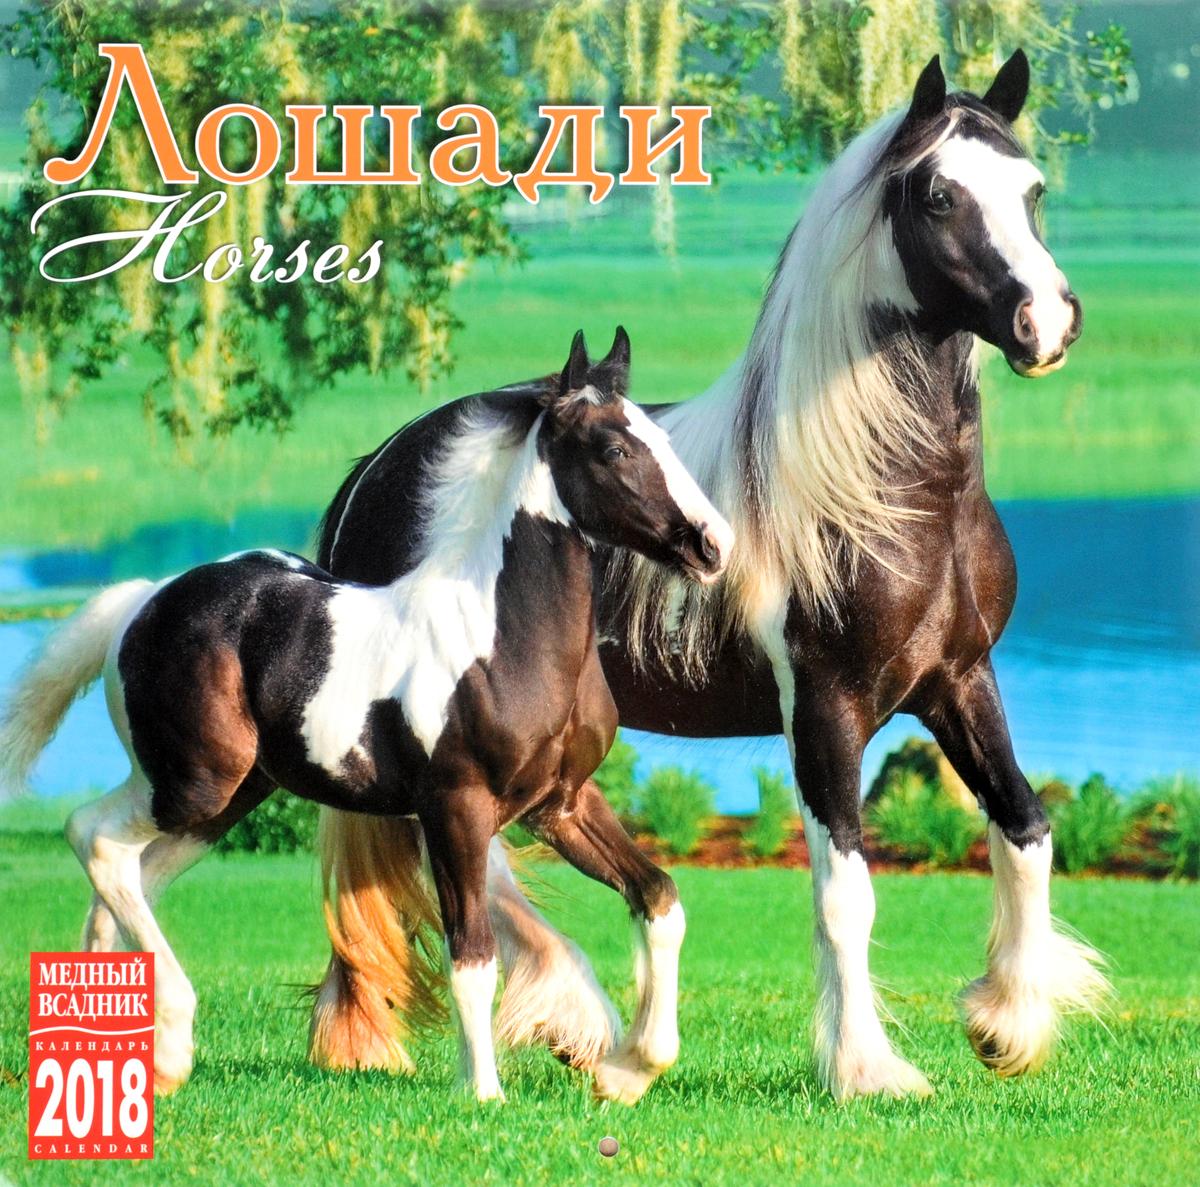 Календарь 2018 (на скрепке). Лошади / Horses